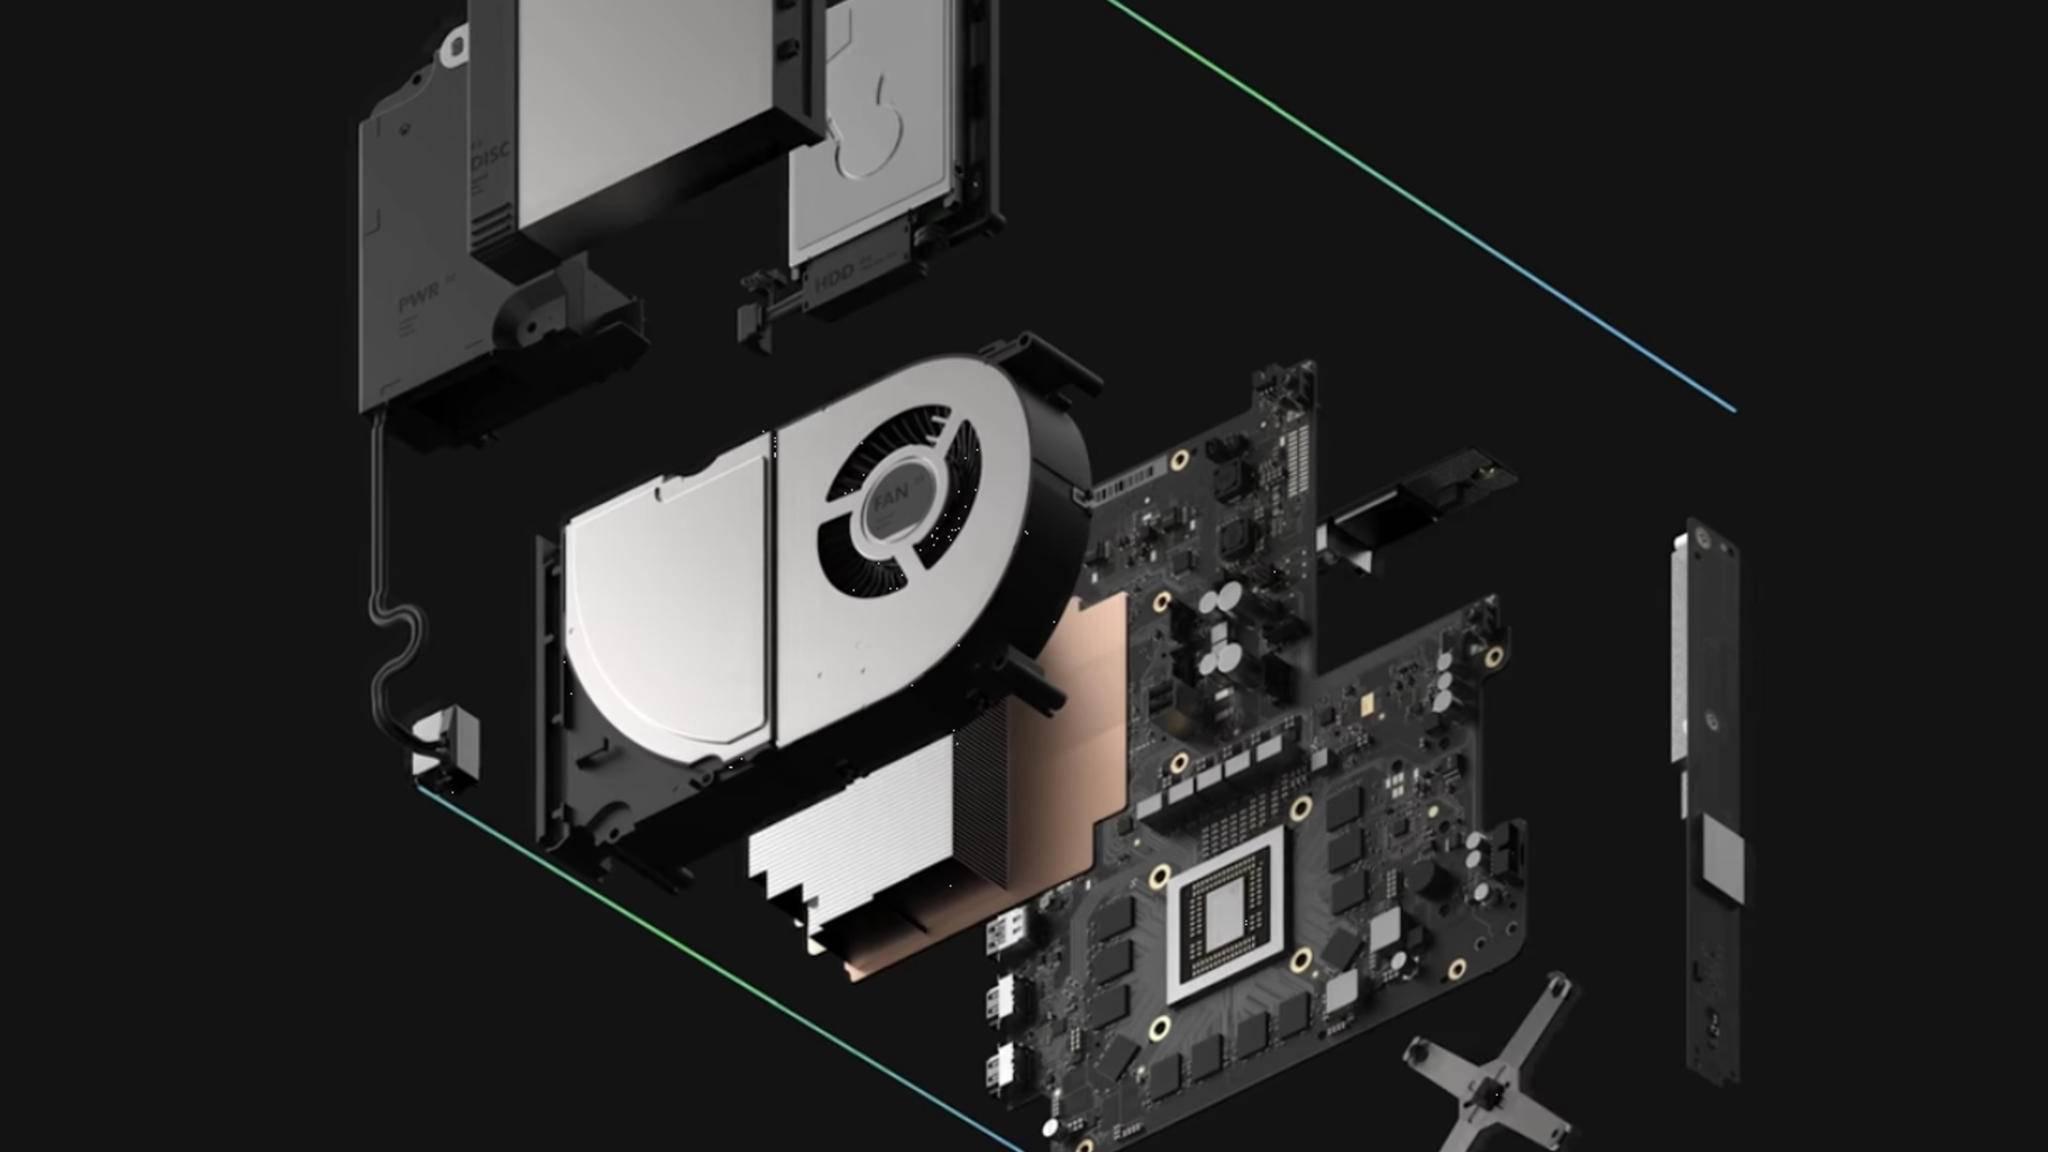 Mit neuen Grafiktechnologien soll die Bildqualität bei der Xbox Scorpio besser werden,